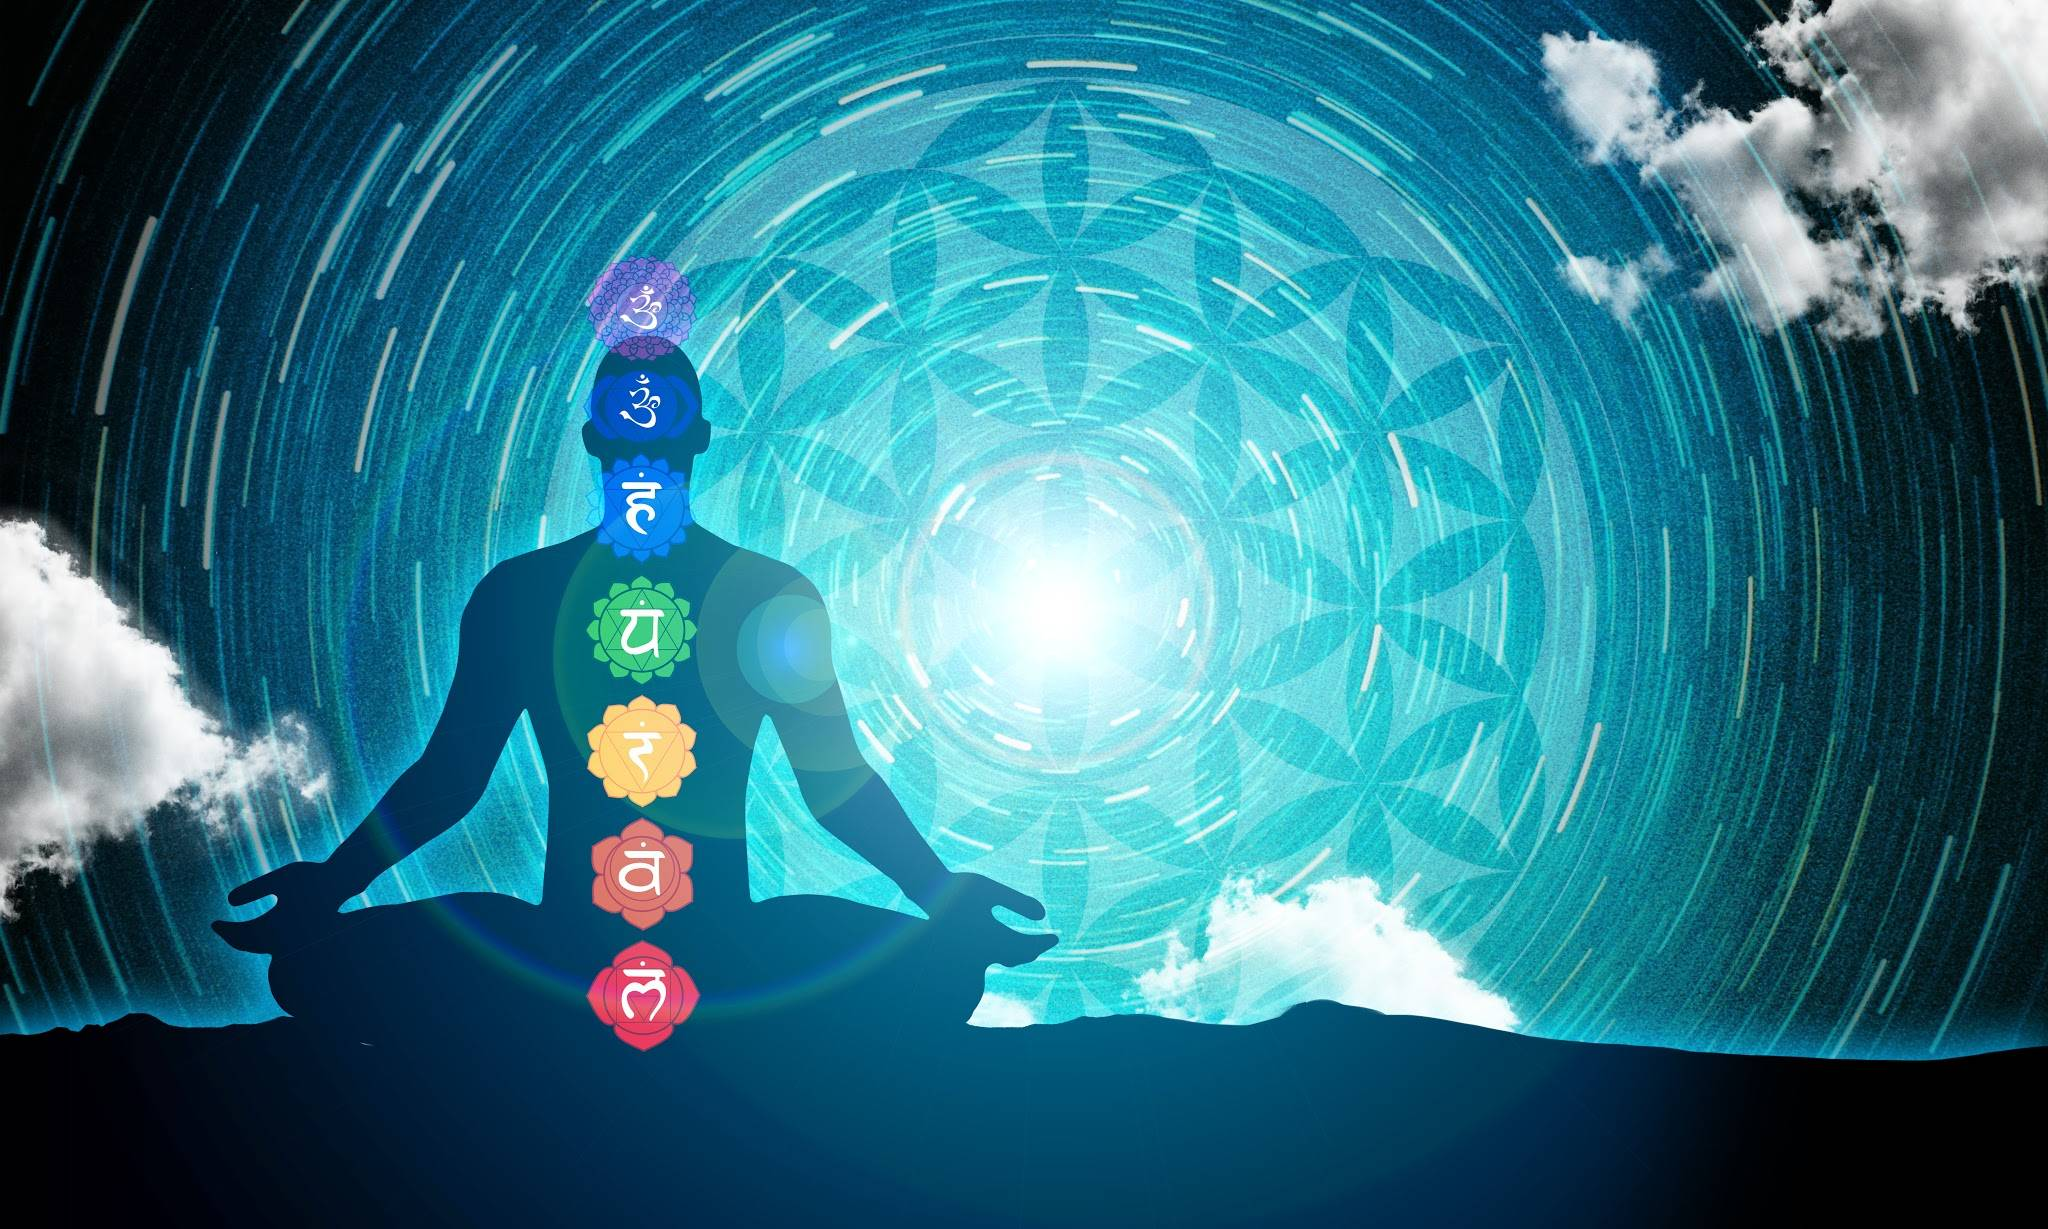 Шестая чакра аджна - за что отвечает, где находится, как открыть